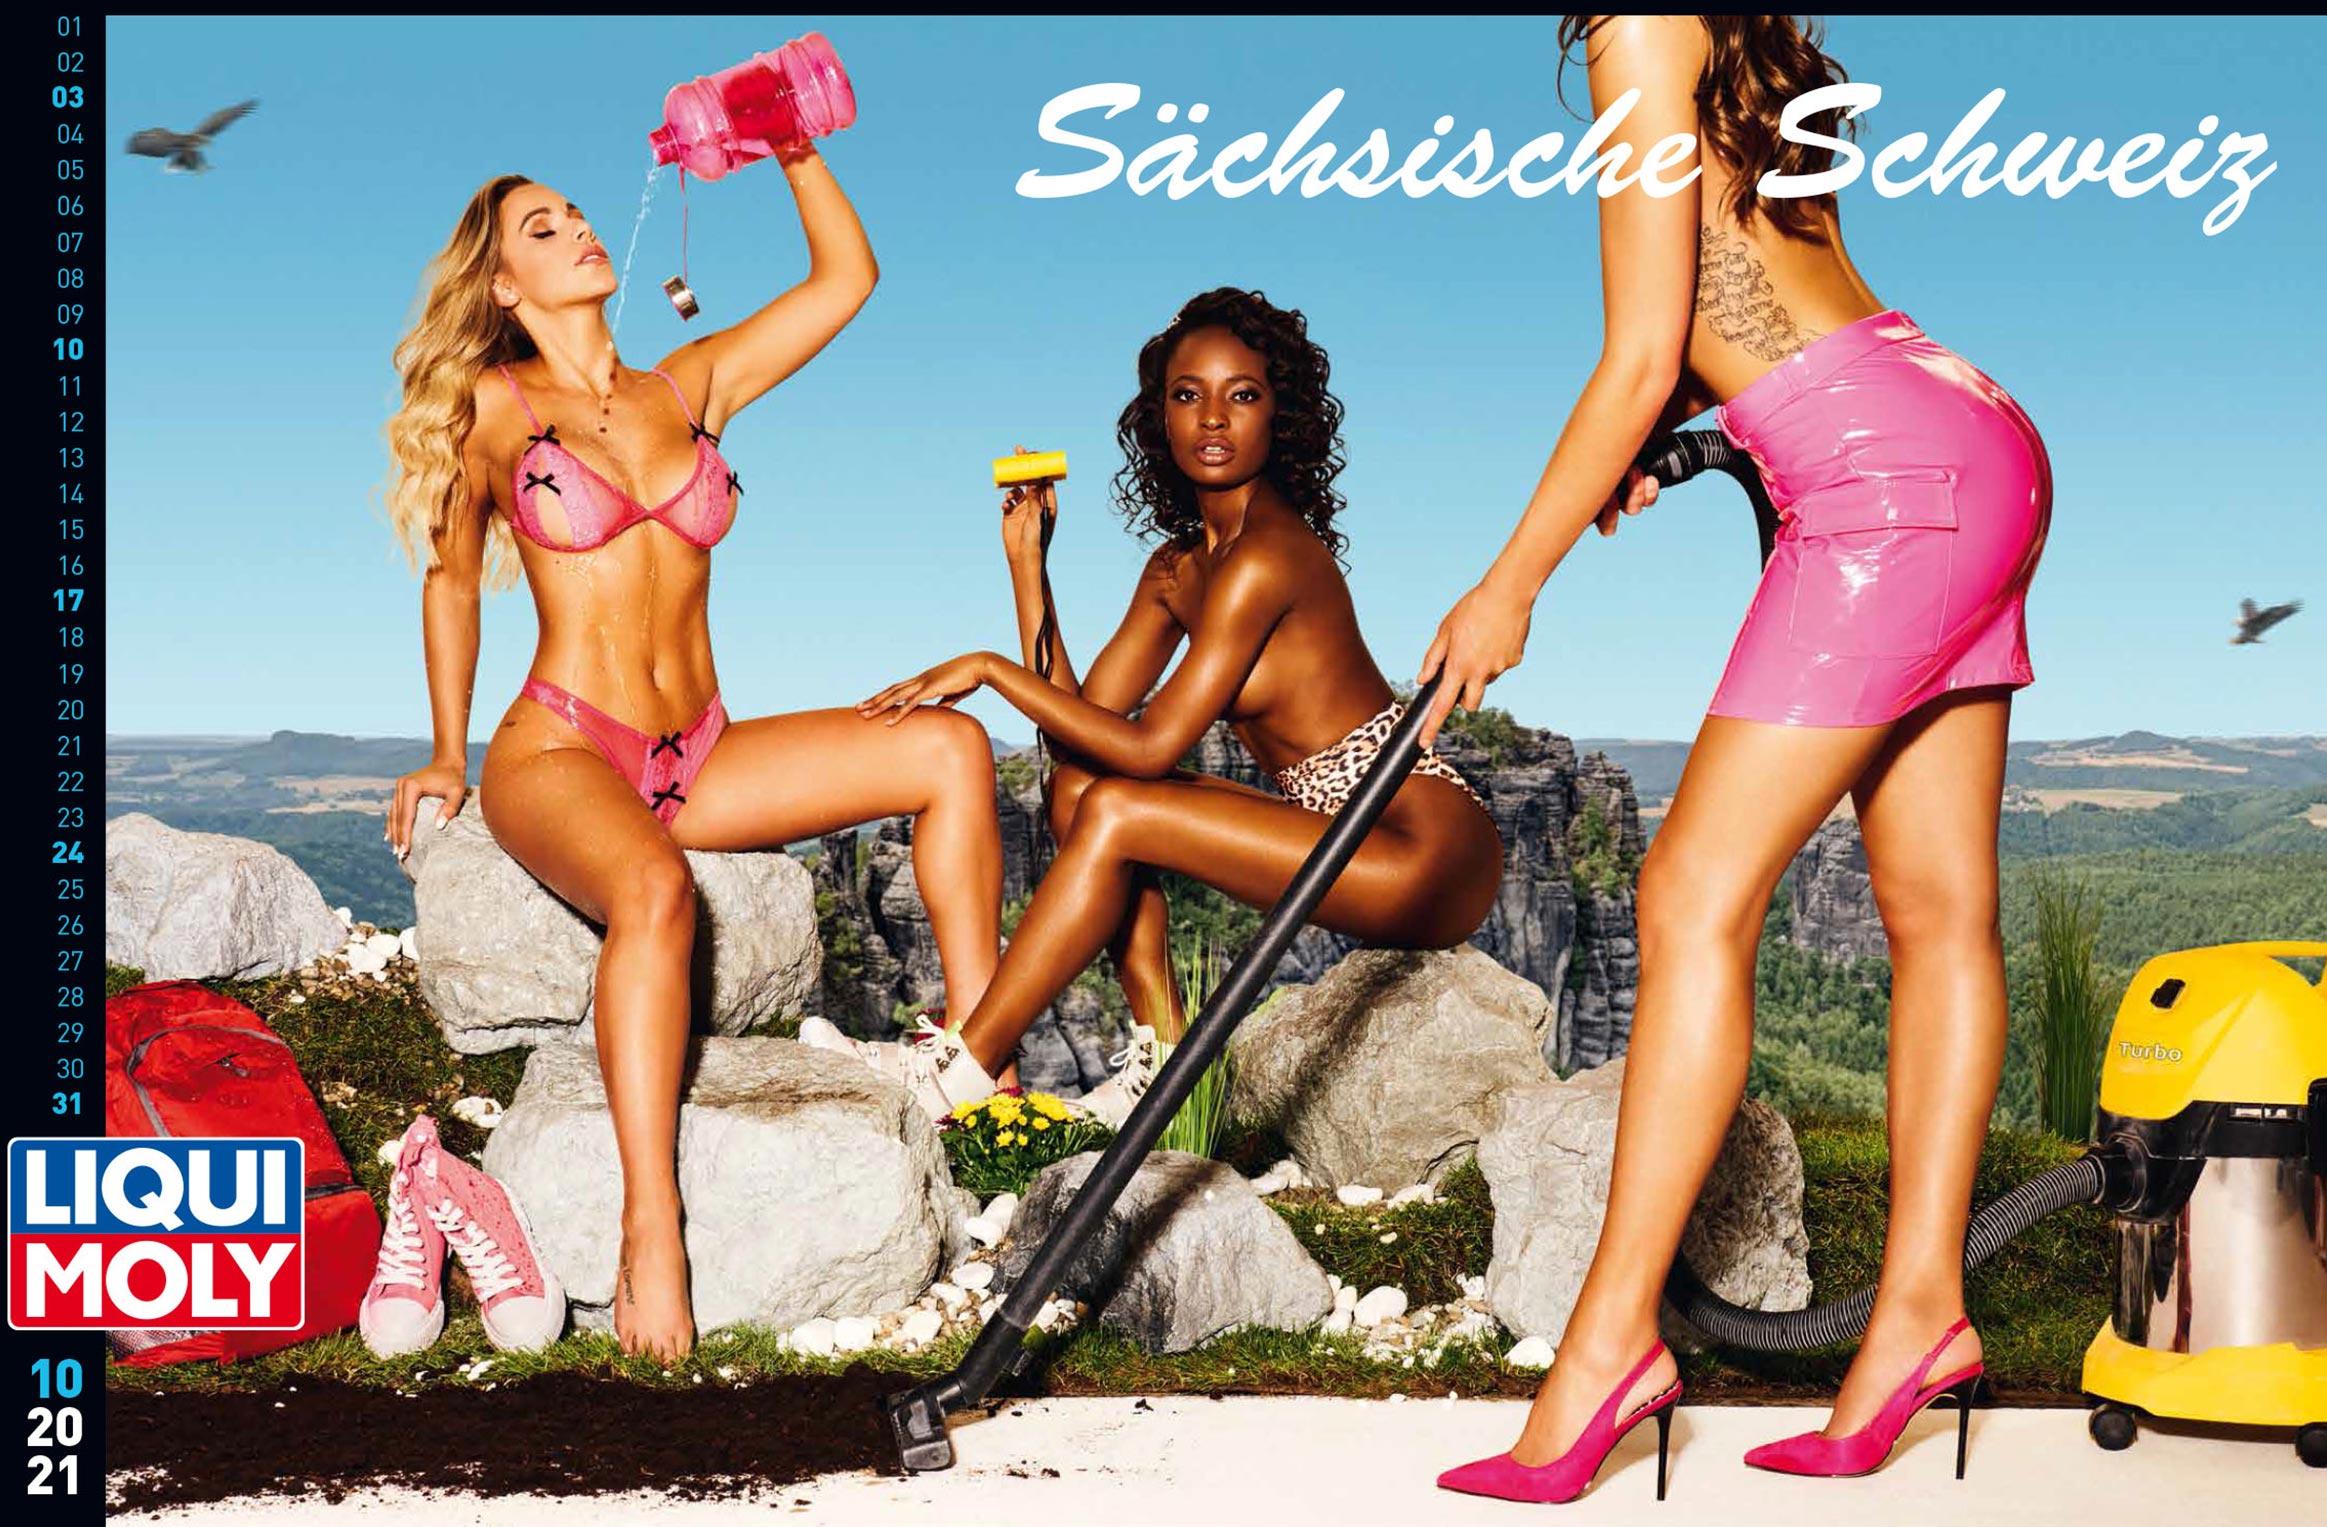 Фирменный календарь с девушками автоконцерна Liqui Moly на 2021 год / октябрь 2021